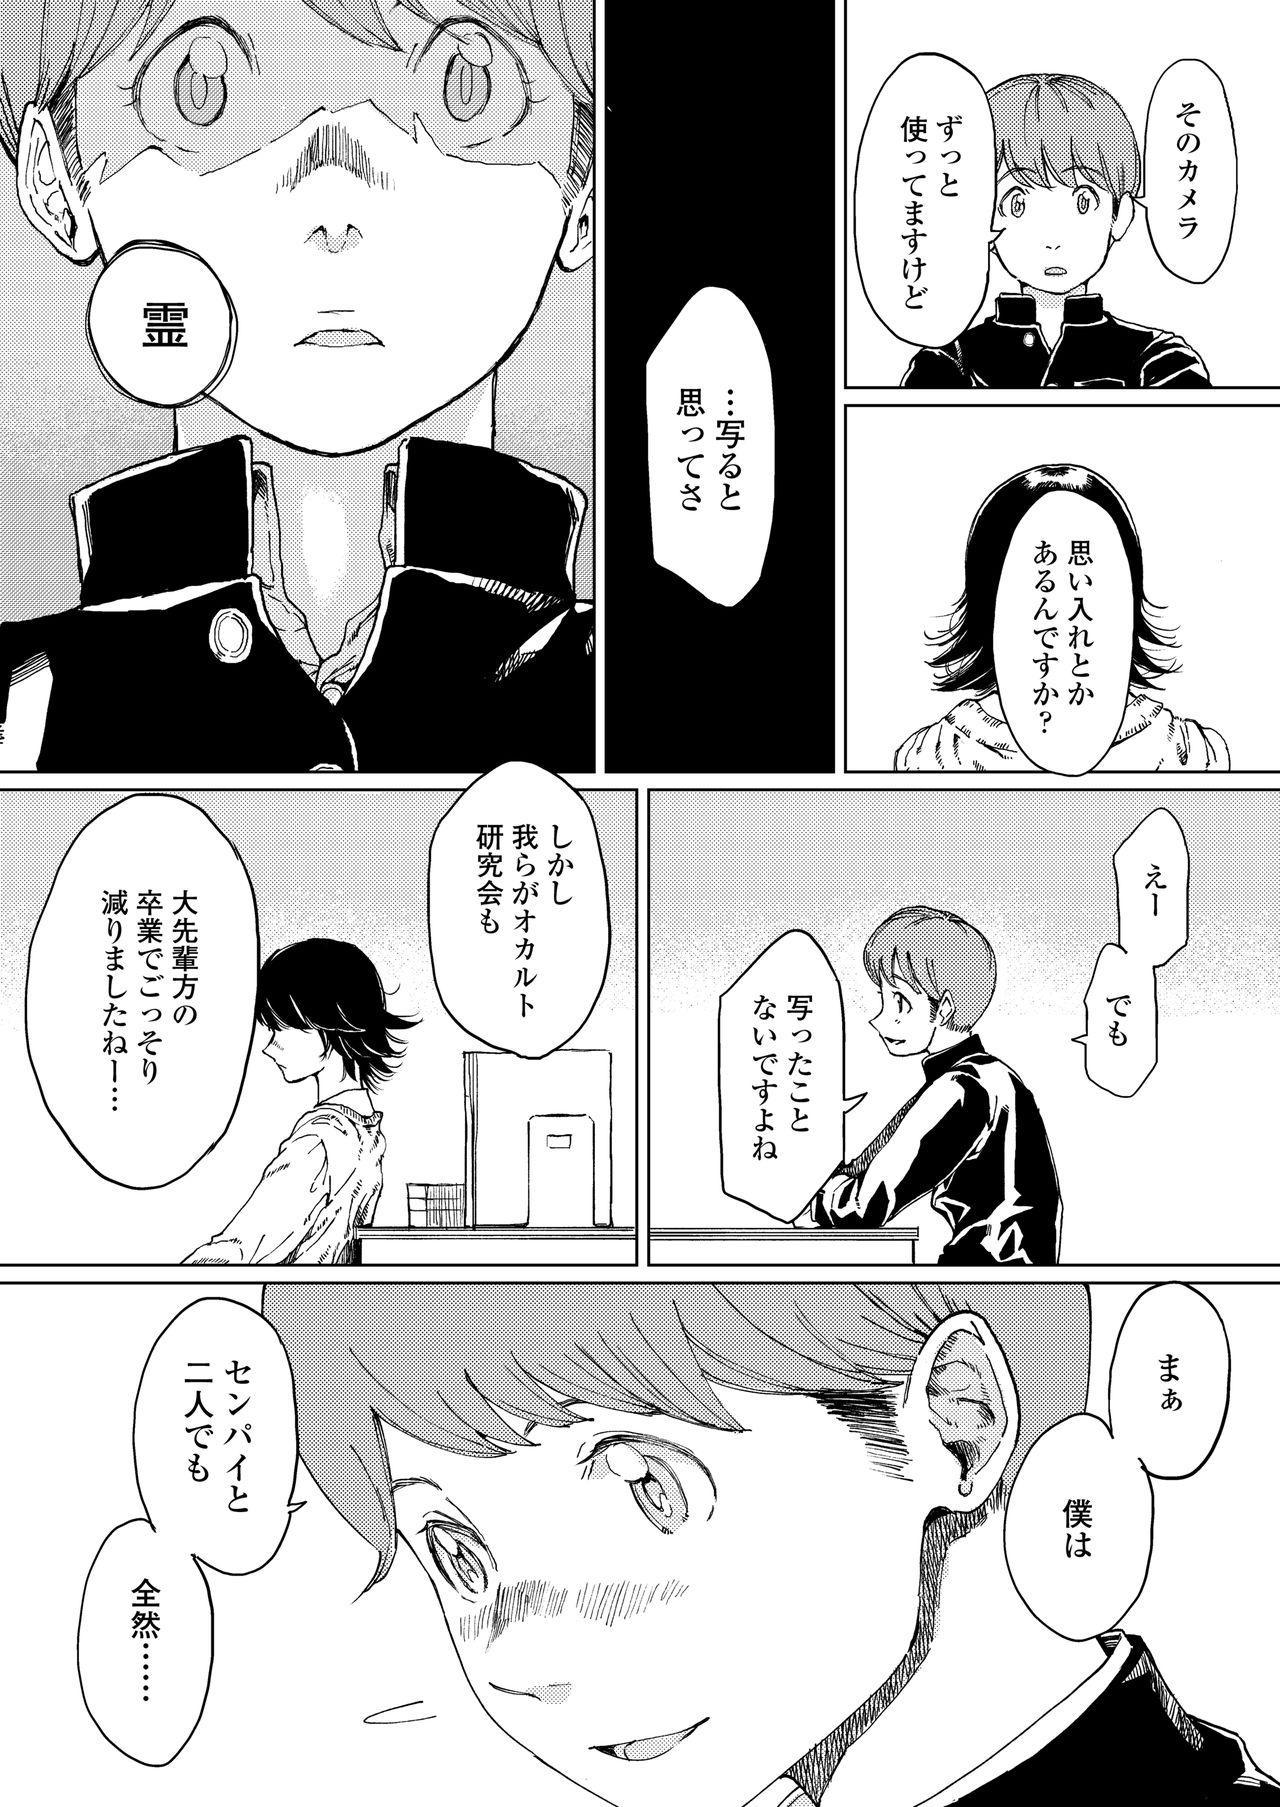 COMIC AOHA 2020 Natsu 149